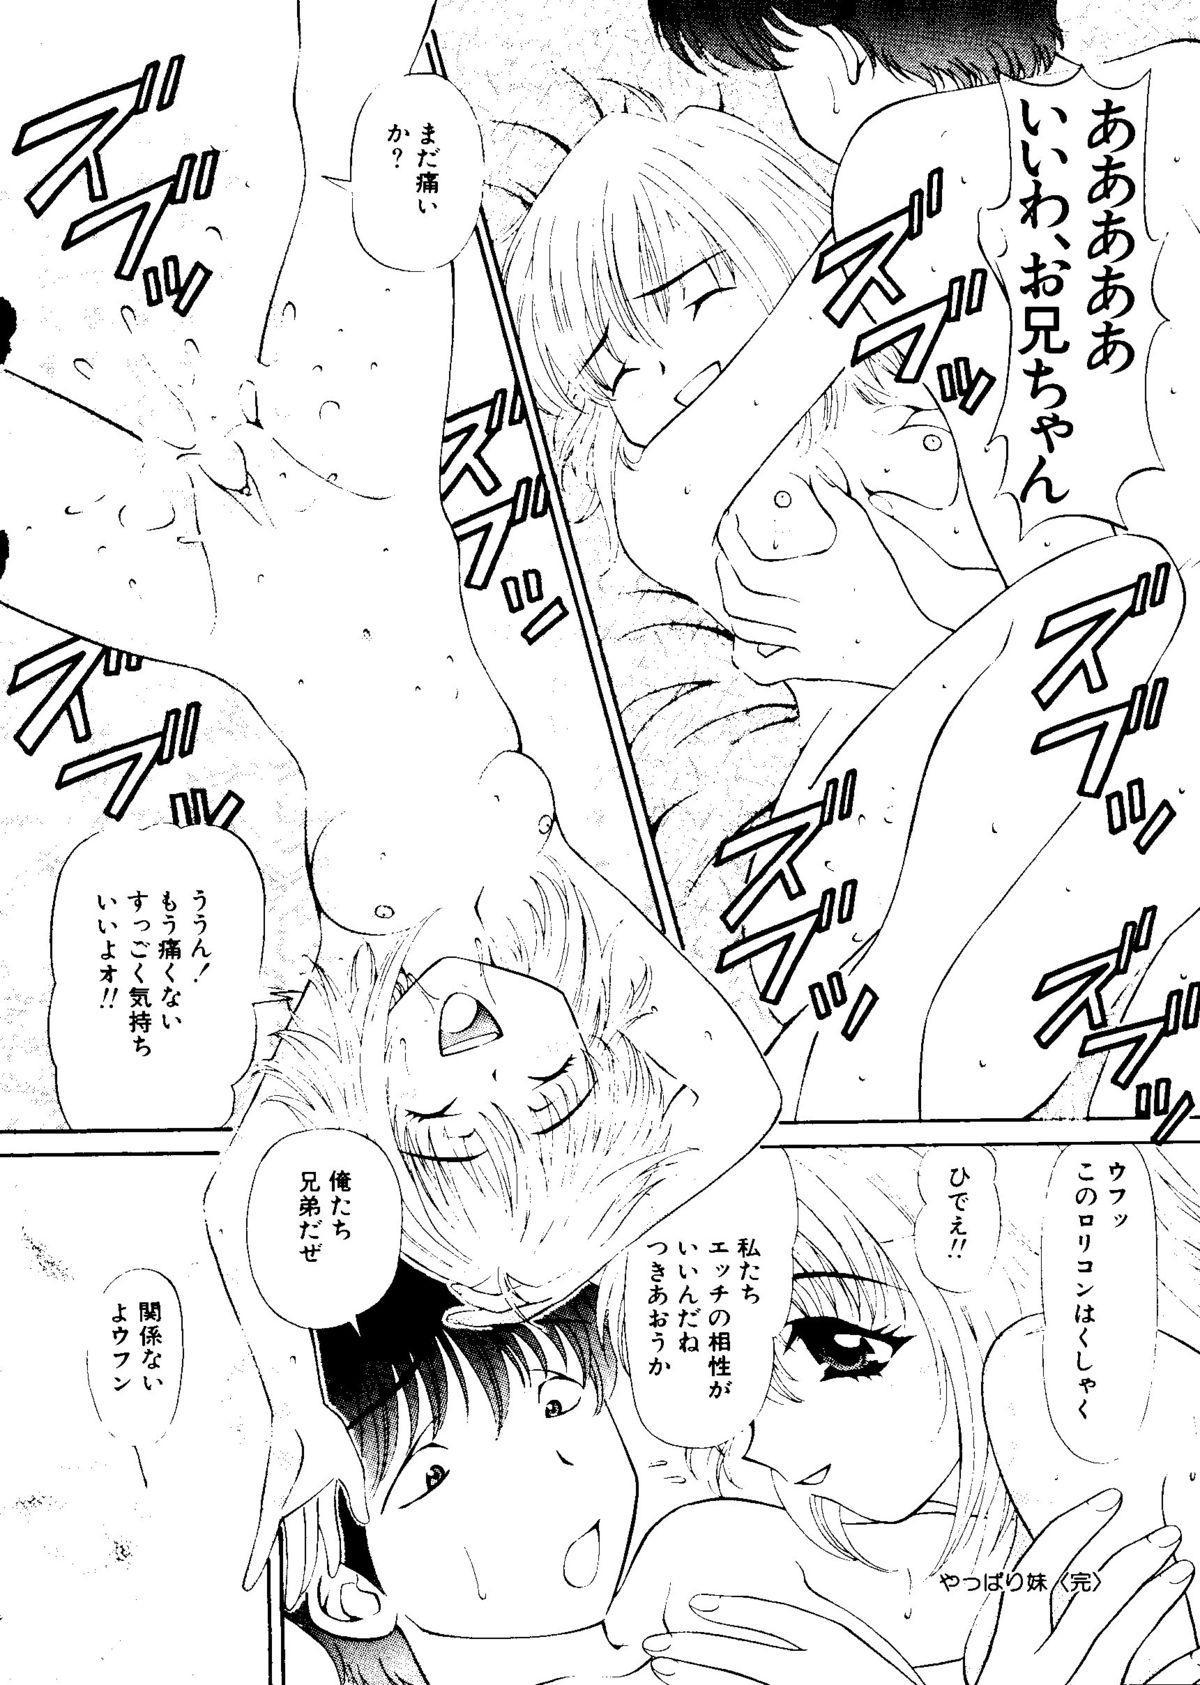 Mujirushi Youhin Vol. 7 60